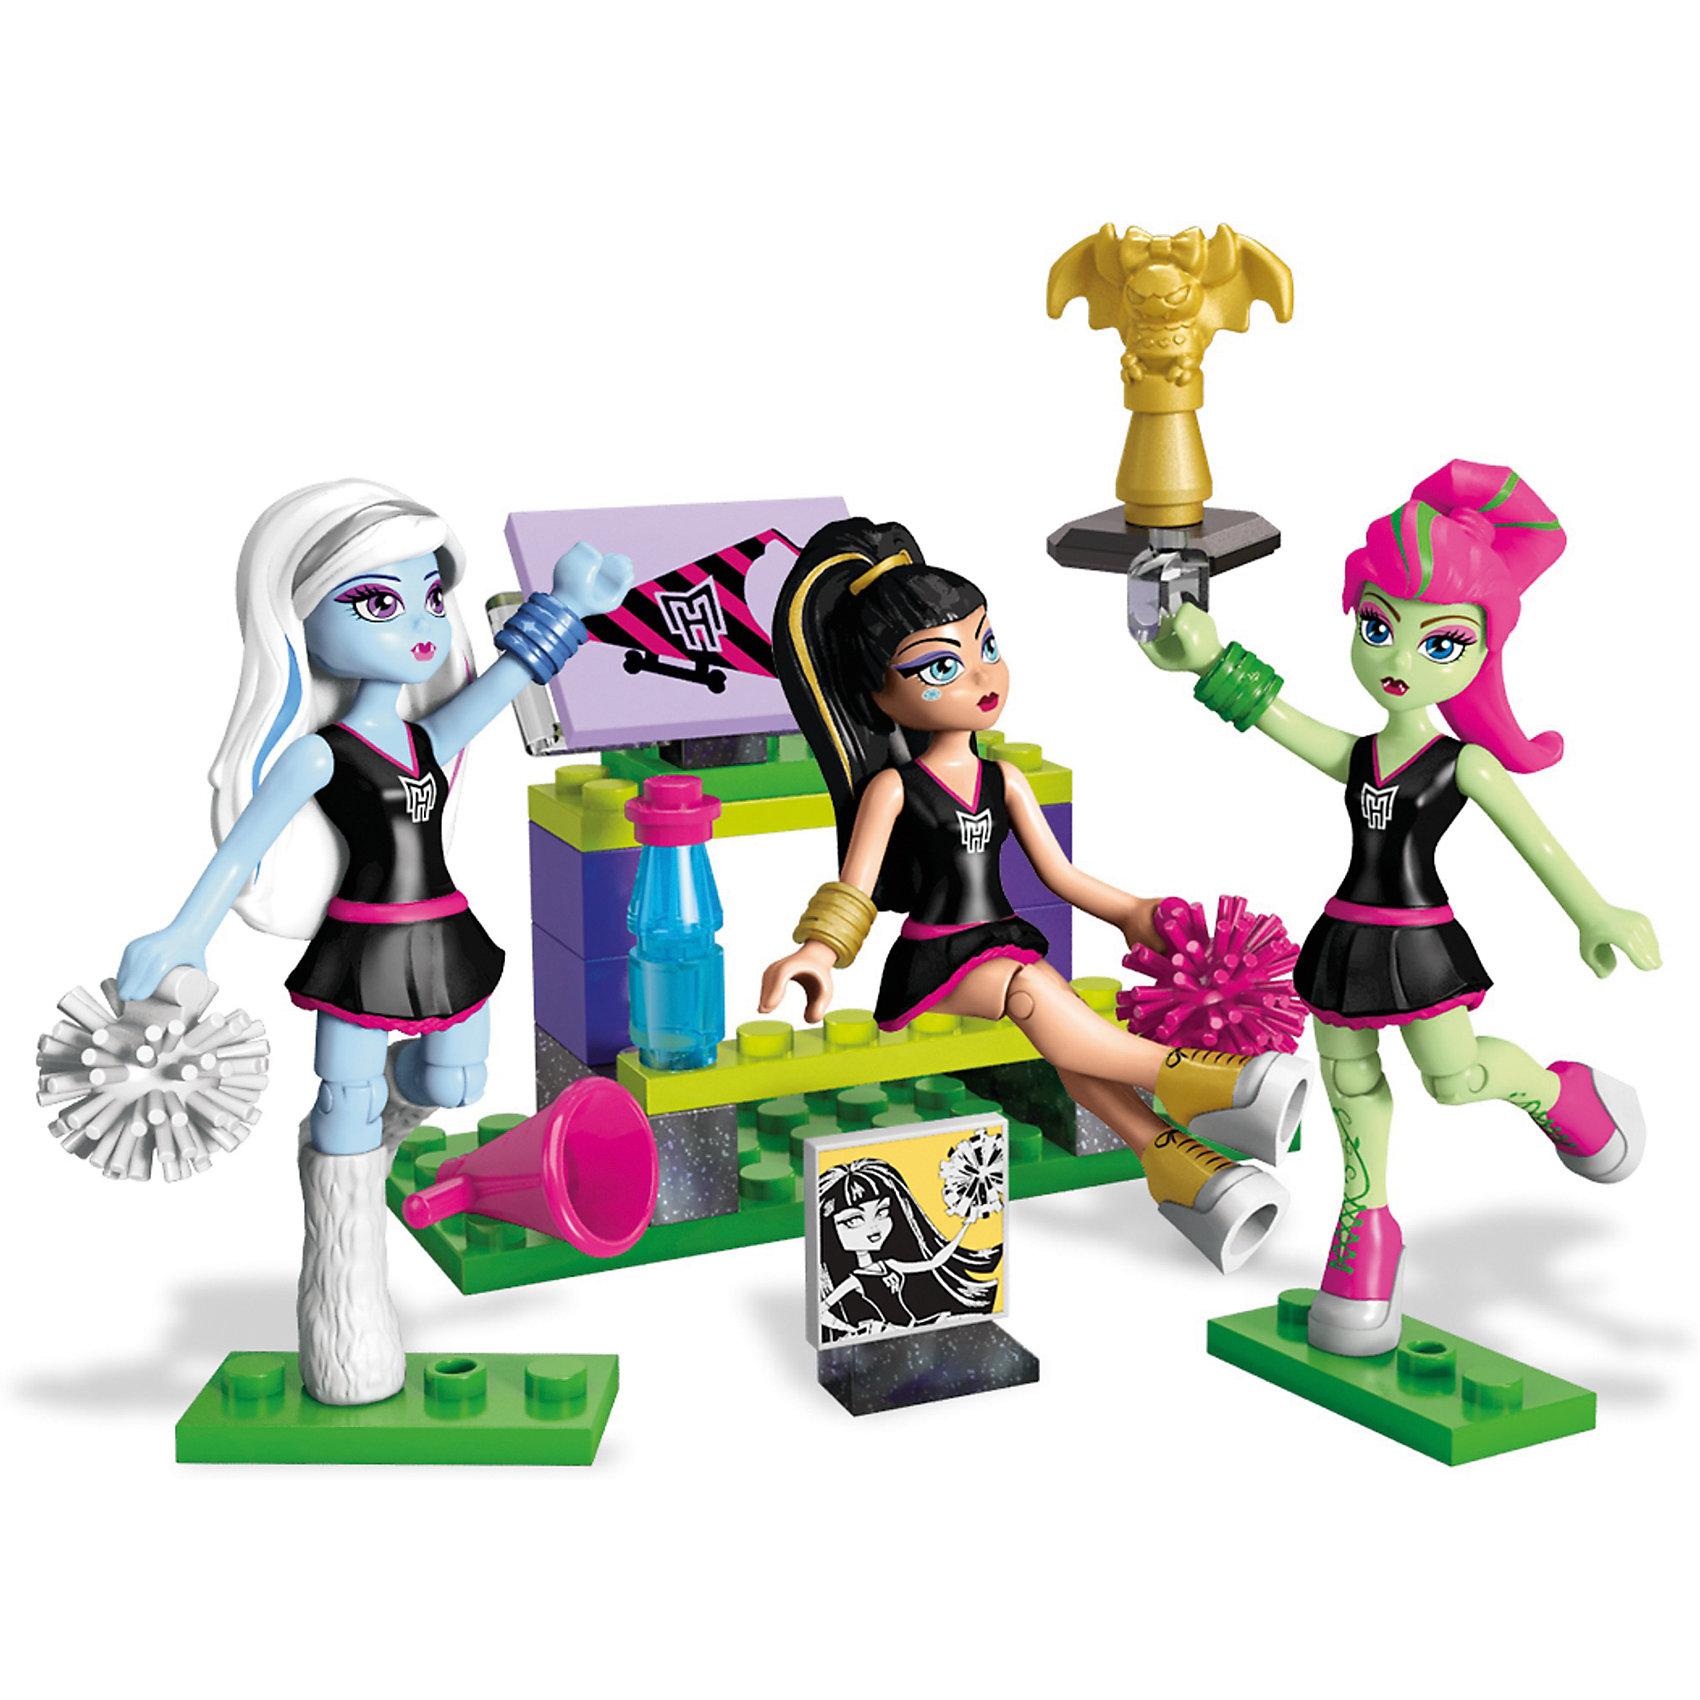 Маленький игровой набор + 3 фигурки MEGA CONSTRUX Monster HighПластмассовые конструкторы<br>Характеристики товара:<br><br>• возраст: от 3 лет<br>• тип игрушки: конструктор<br>• материал: пластик;<br>• размер упаковки: 23X15X4,5 см;<br>• страна бренда: США<br><br>Поддержи свою команду и нагони страх на противников, сделав пирамиду из трех монстров! Покажи класс в черлидинге «Монстер Хай»® и подбодри свою команду вместе с группой поддержки! <br><br>Строй трибуну, хватай пипидастры и готовься повыть для своей команды вместе с Клео, Венерой и Эбби! Создай лучшую жуткую кричалку: помести монстров в специальные места с креплениями и сделай кошмарную пирамиду высотой в два монстра! <br><br>Сохрани момент из игры на память: фото из альбома черлидеров позволит запечатлеть лучший чудовищный момент за все время обучения!<br><br>Маленький игровой набор + 3 фигурки MEGA CONSTRUX Monster High можно купить в нашем интернет-магазине.<br><br>Ширина мм: 230<br>Глубина мм: 157<br>Высота мм: 48<br>Вес г: 164<br>Возраст от месяцев: 72<br>Возраст до месяцев: 120<br>Пол: Женский<br>Возраст: Детский<br>SKU: 5254618